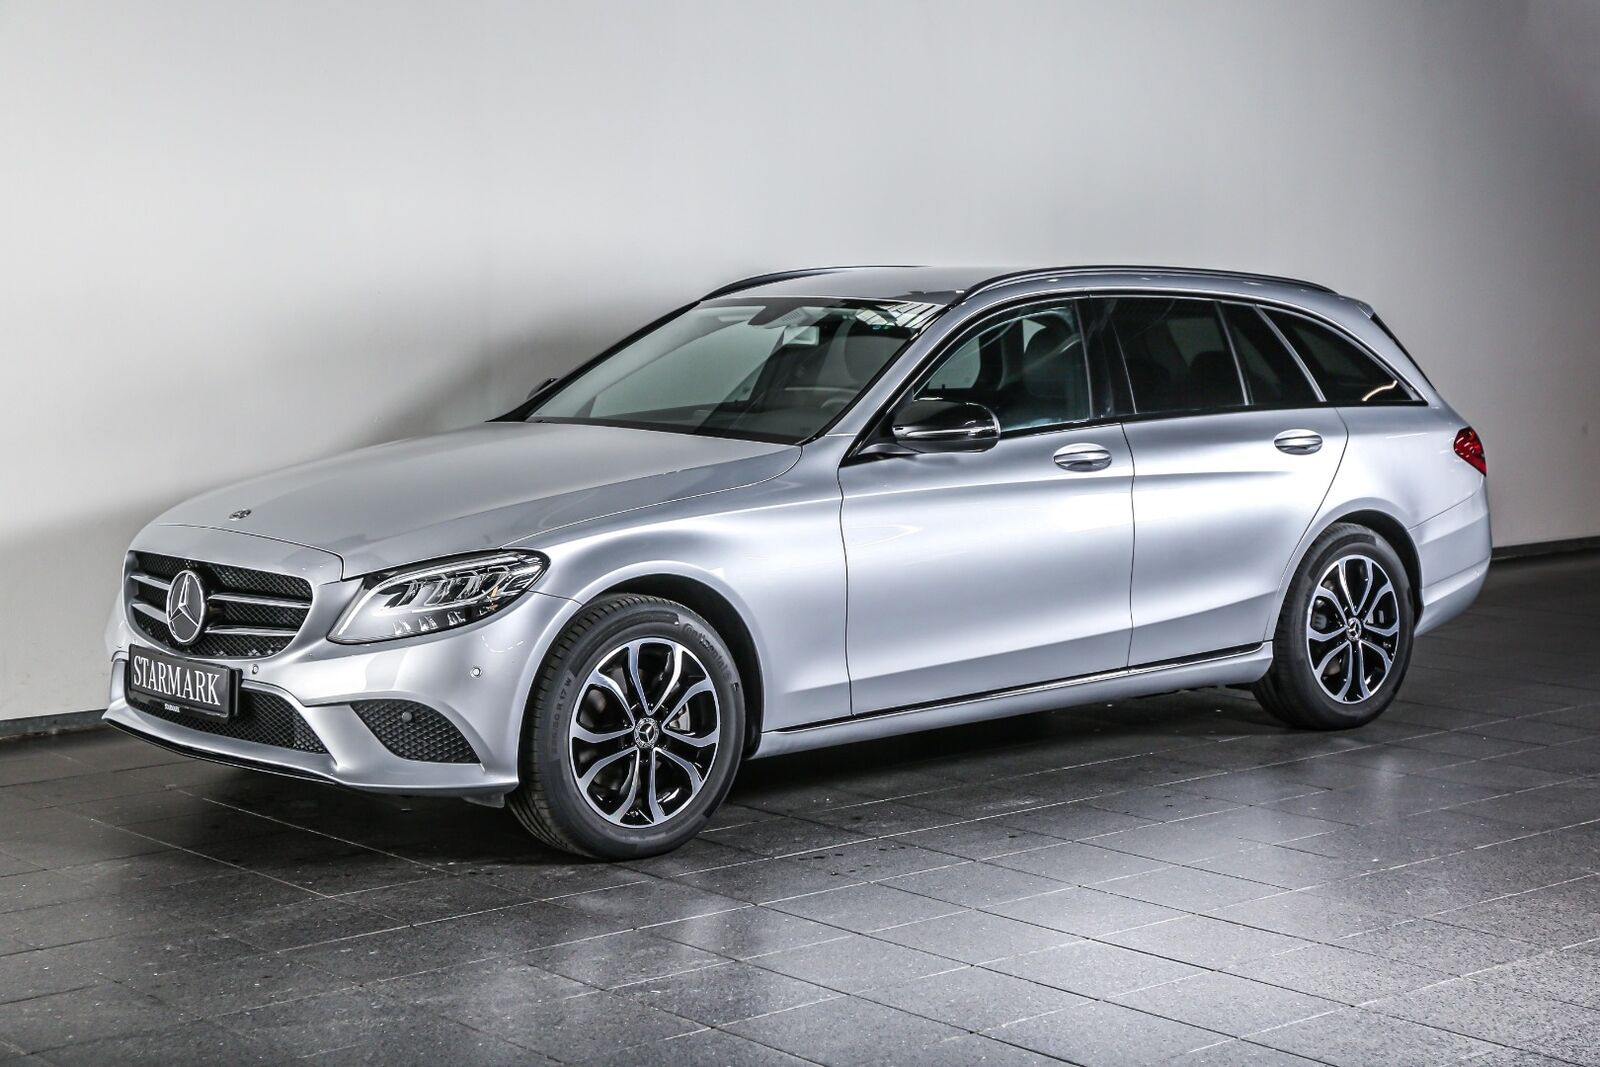 Mercedes C220 d 2,0 Avantgarde stc. aut. 4-M 5d - 489.900 kr.